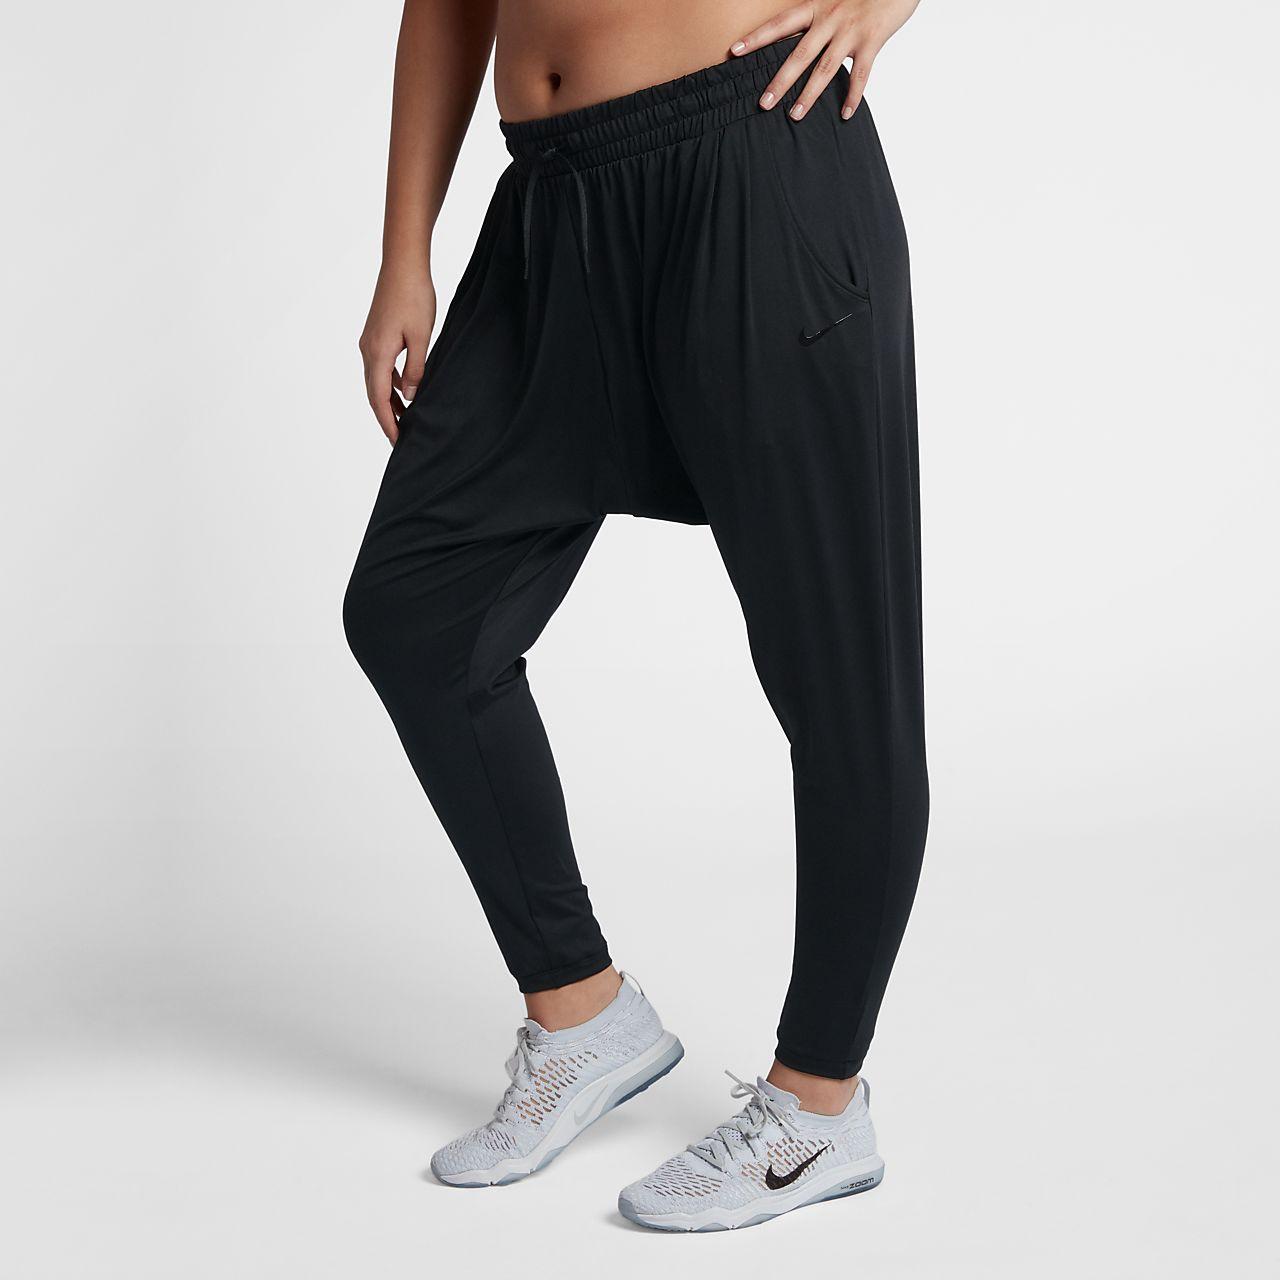 Training grande Pantalon Nike De Femme Taille Fit Dri Flow Pour vgTUx